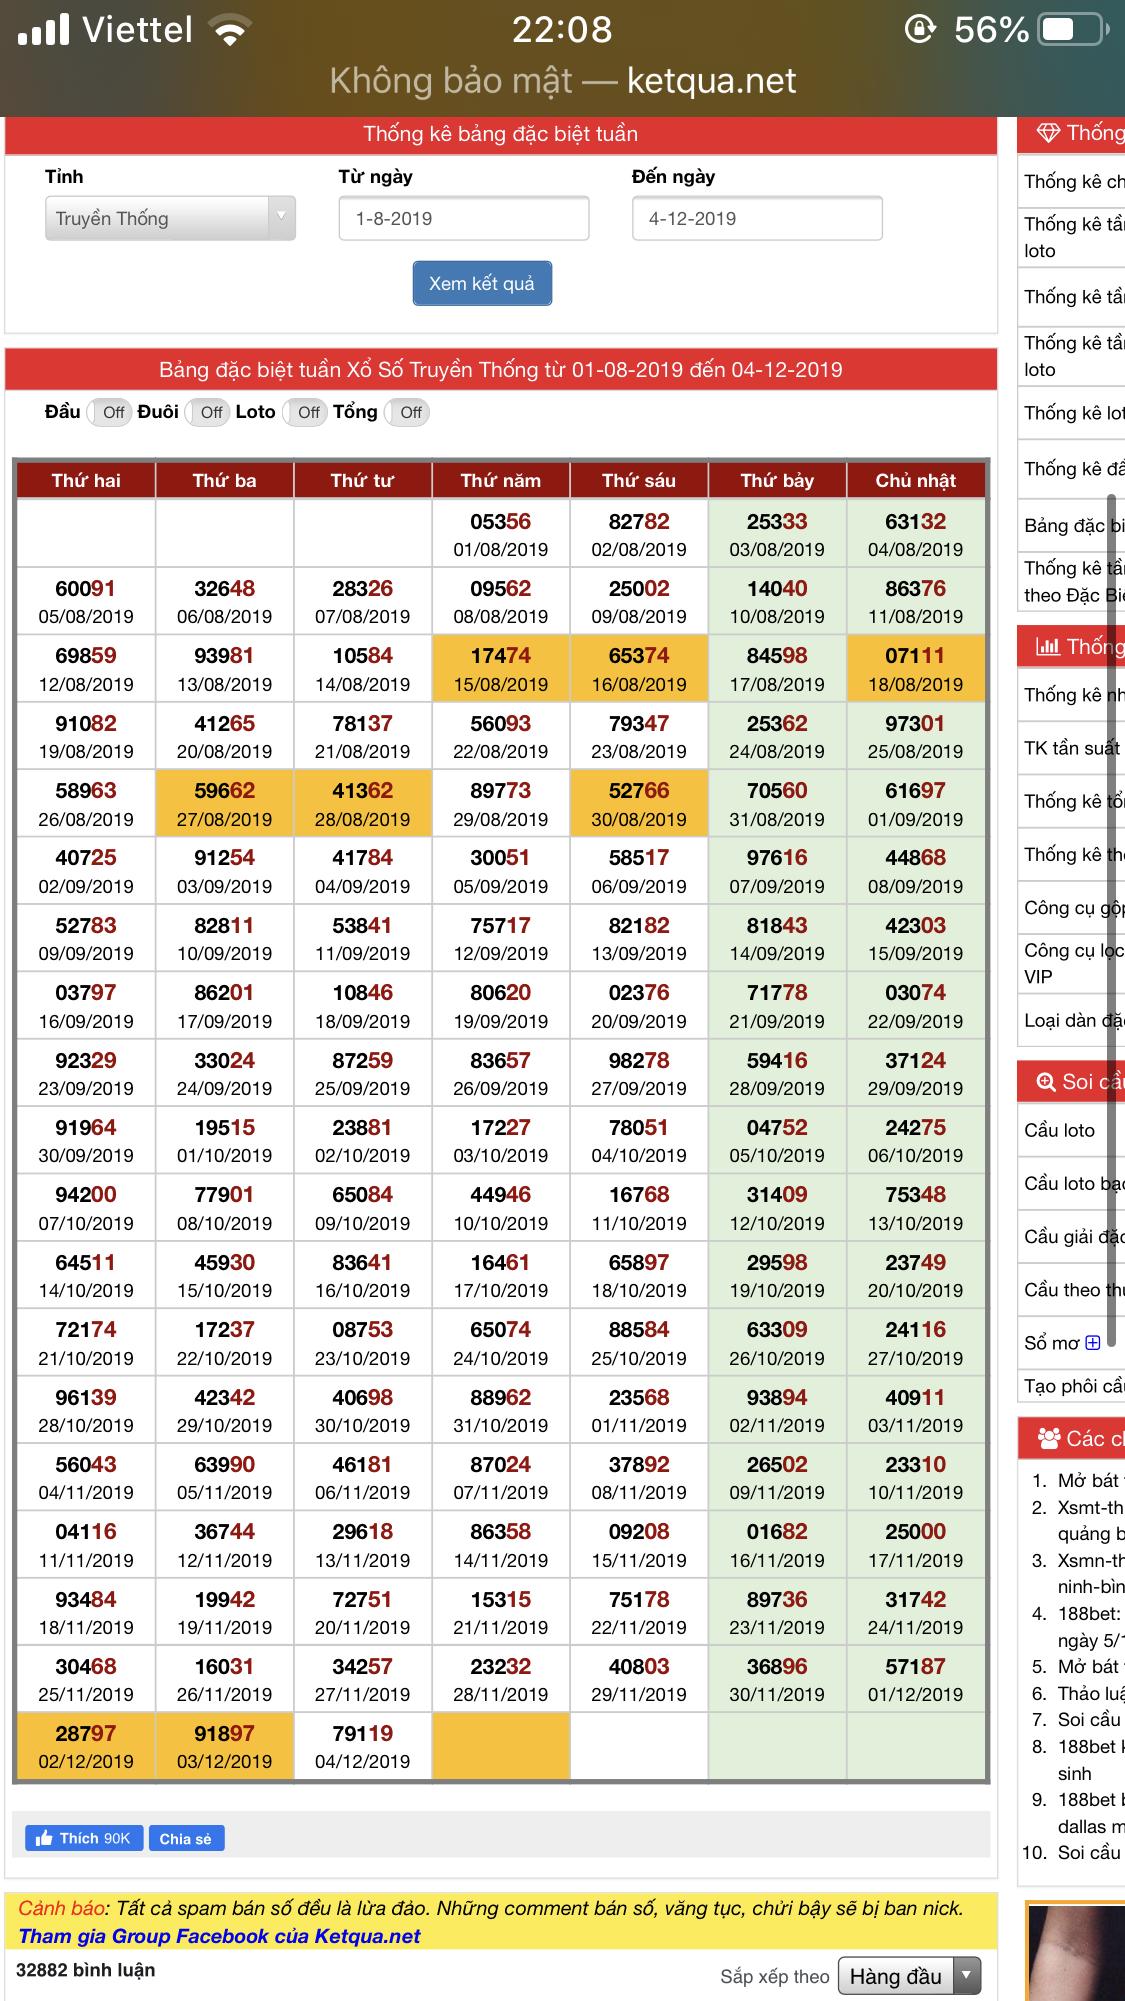 Bảng đặc biệt tuần Xổ Số Truyền Thống từ 01-08-2019 đến 04-12-2019.png